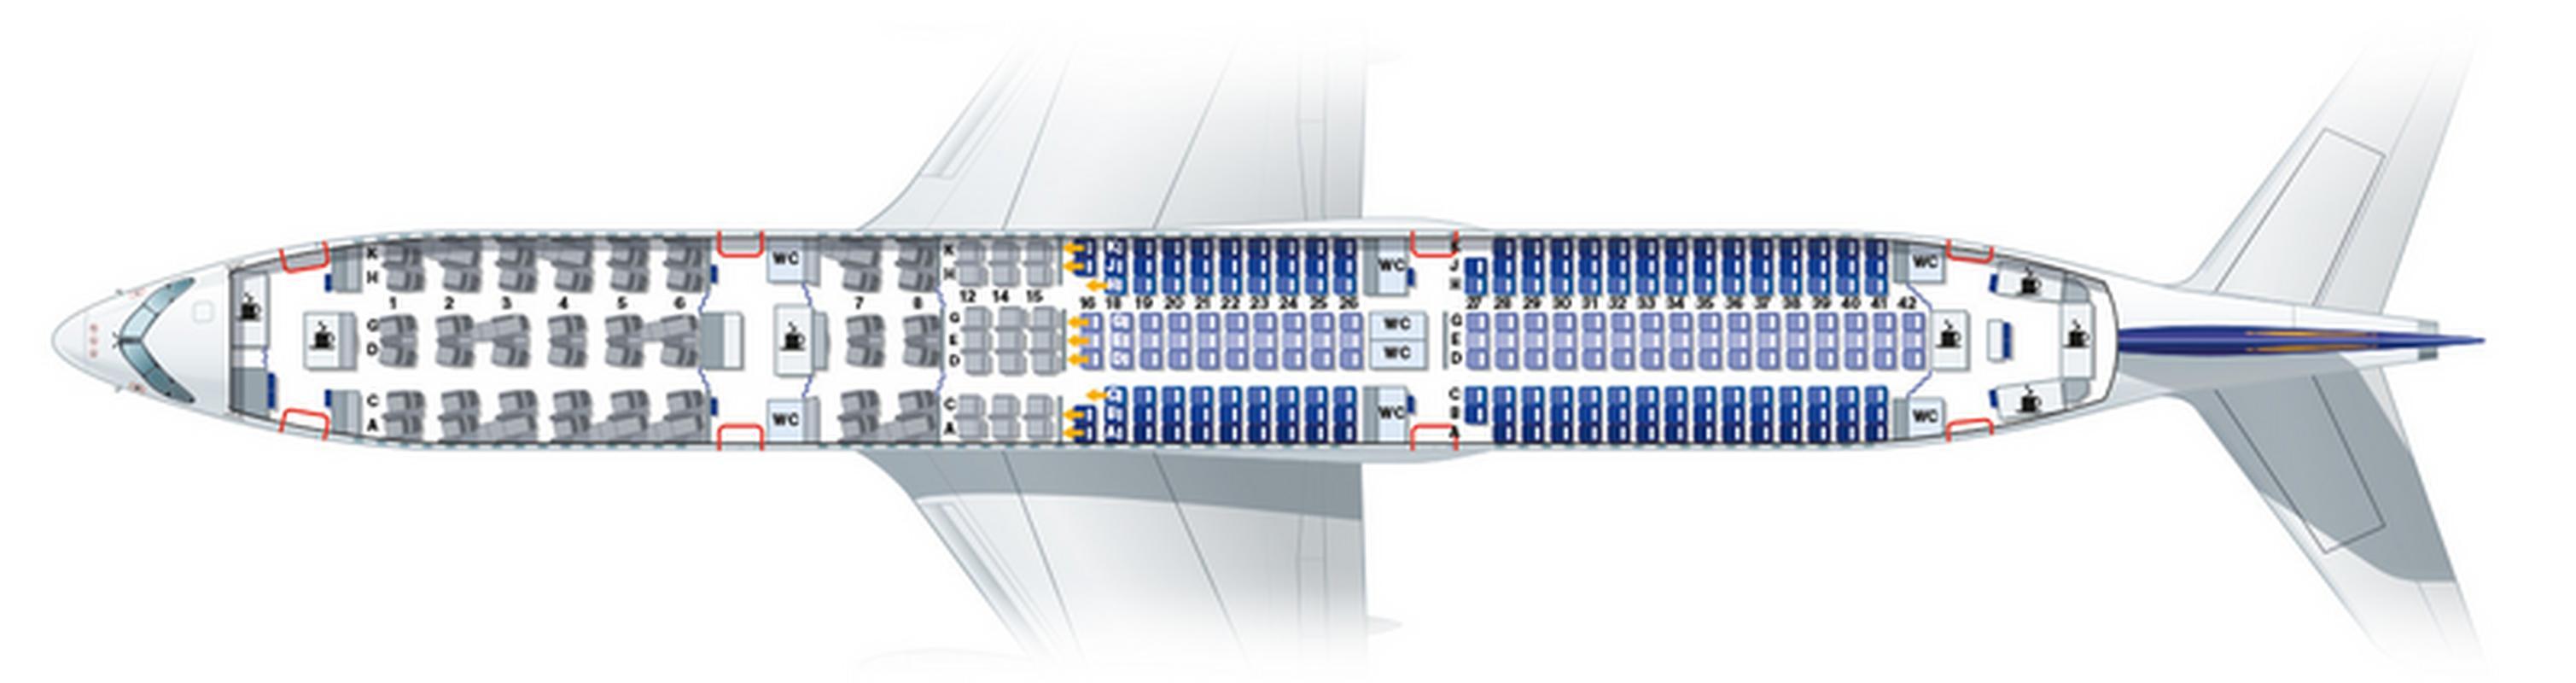 Układ miejsc w poszczególnych klasach na pokładzie A350-900